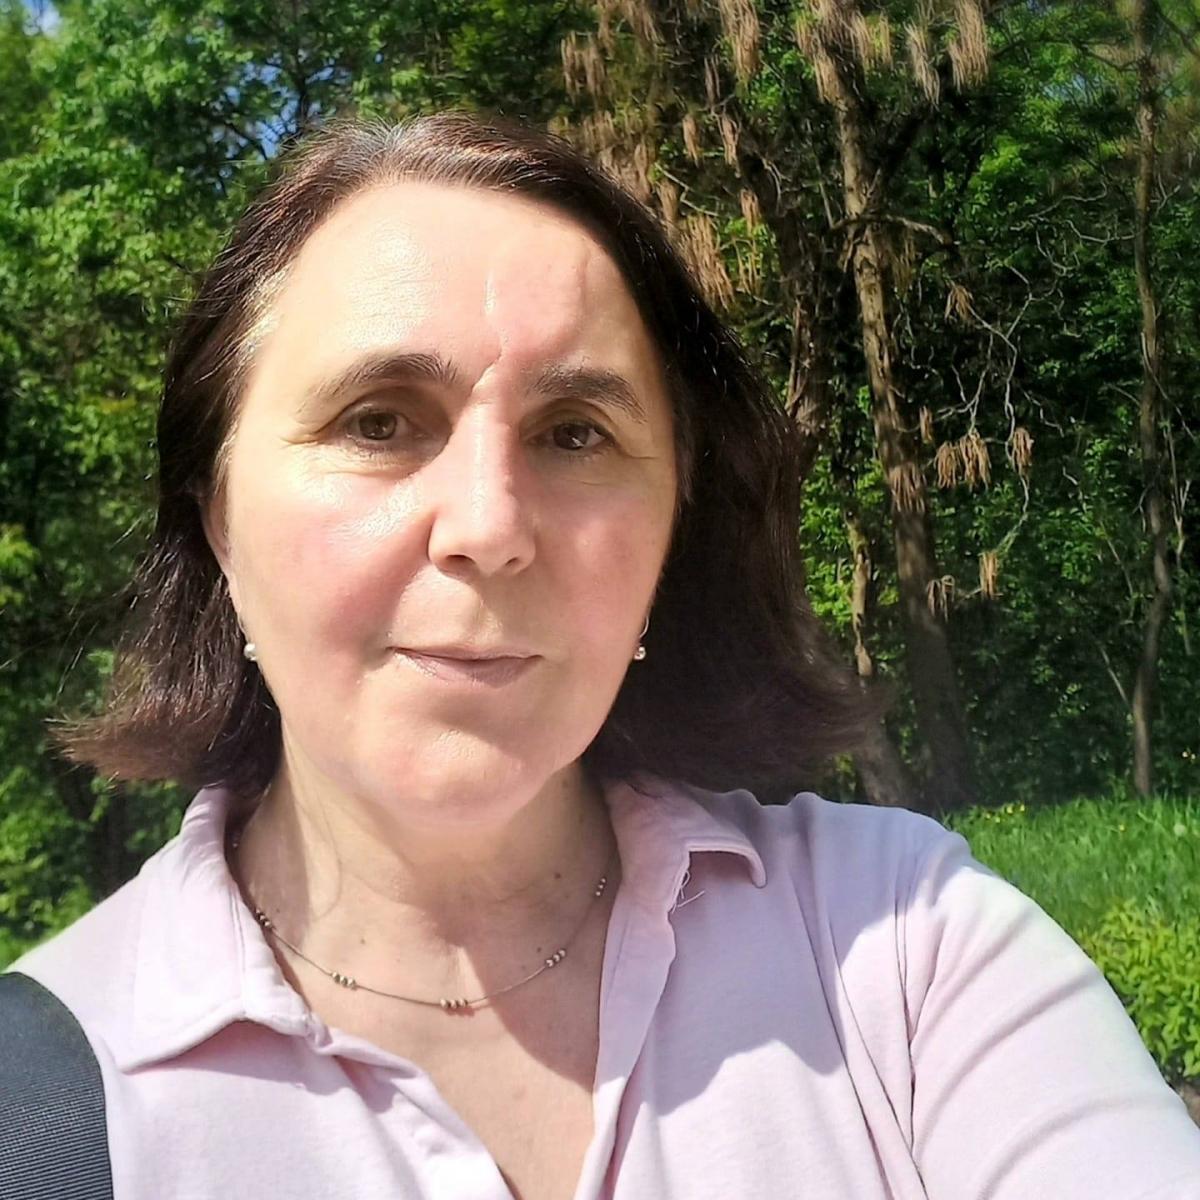 ELENA M. CÎMPAN NE EXPLICĂ SIMILITUDINILE CARE IMPLICĂ OAMENII ȘI STATUILE BISTRIȚEI